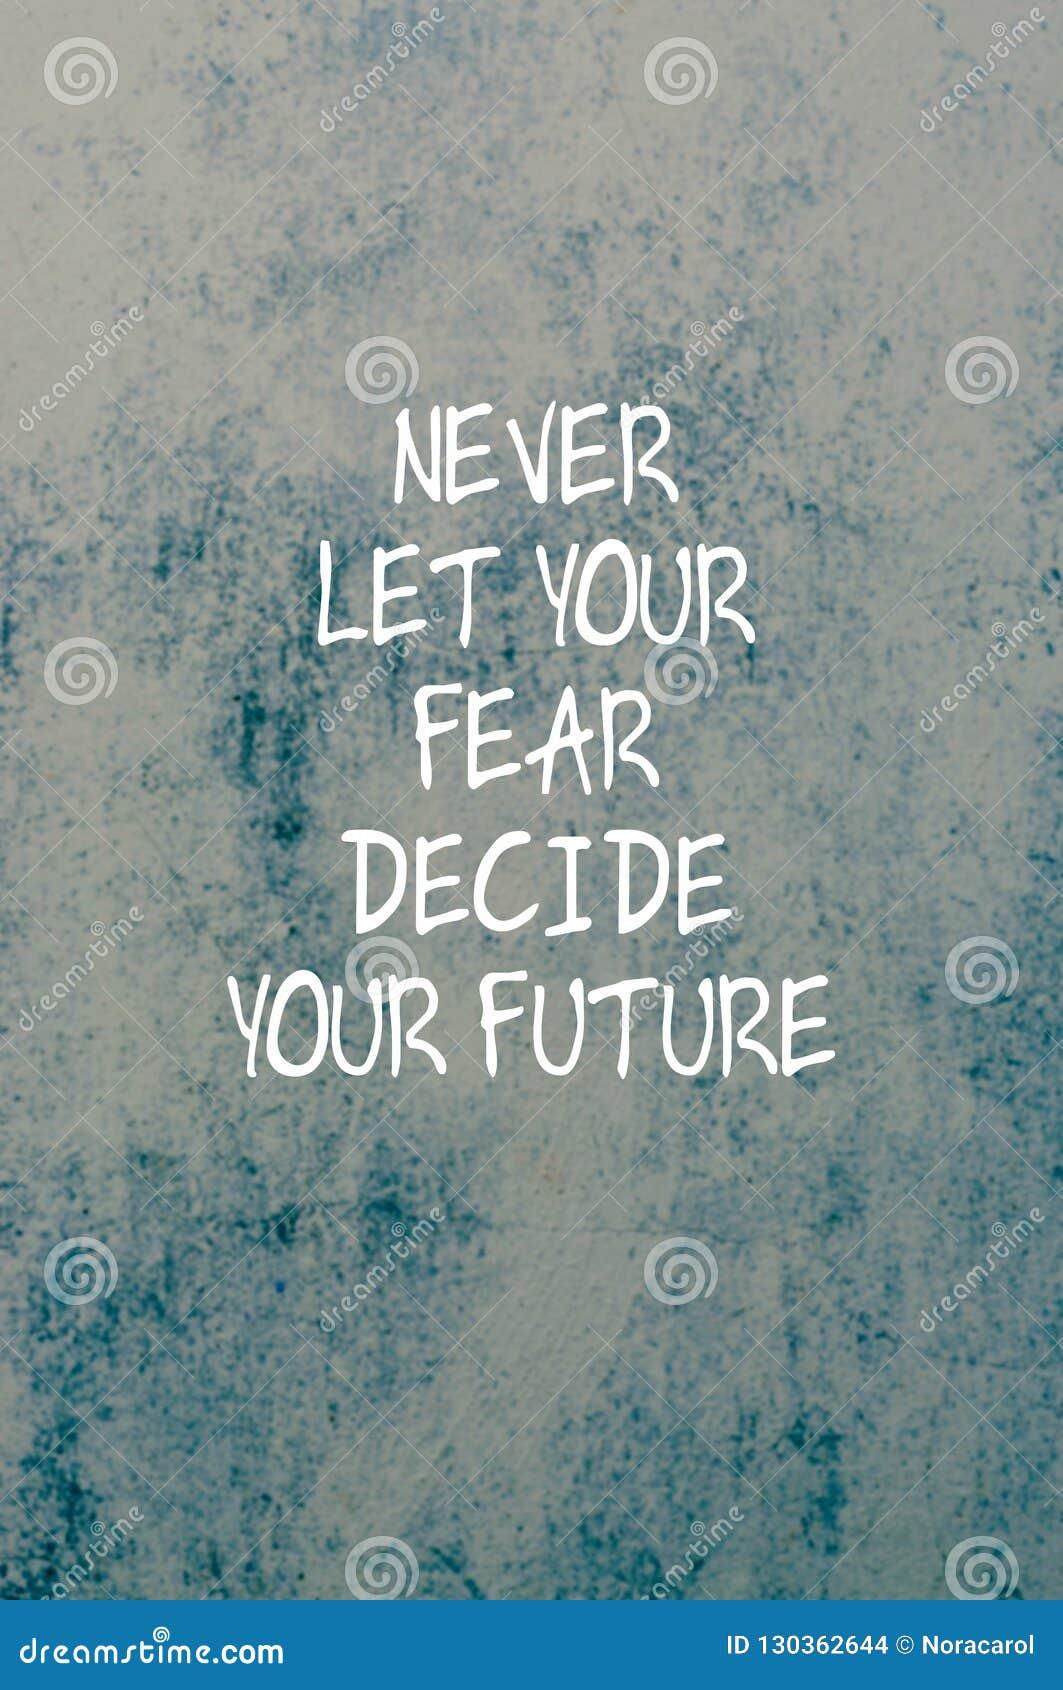 Citazioni ispiratrici - non lasci mai il vostro timore decidono il vostro futuro